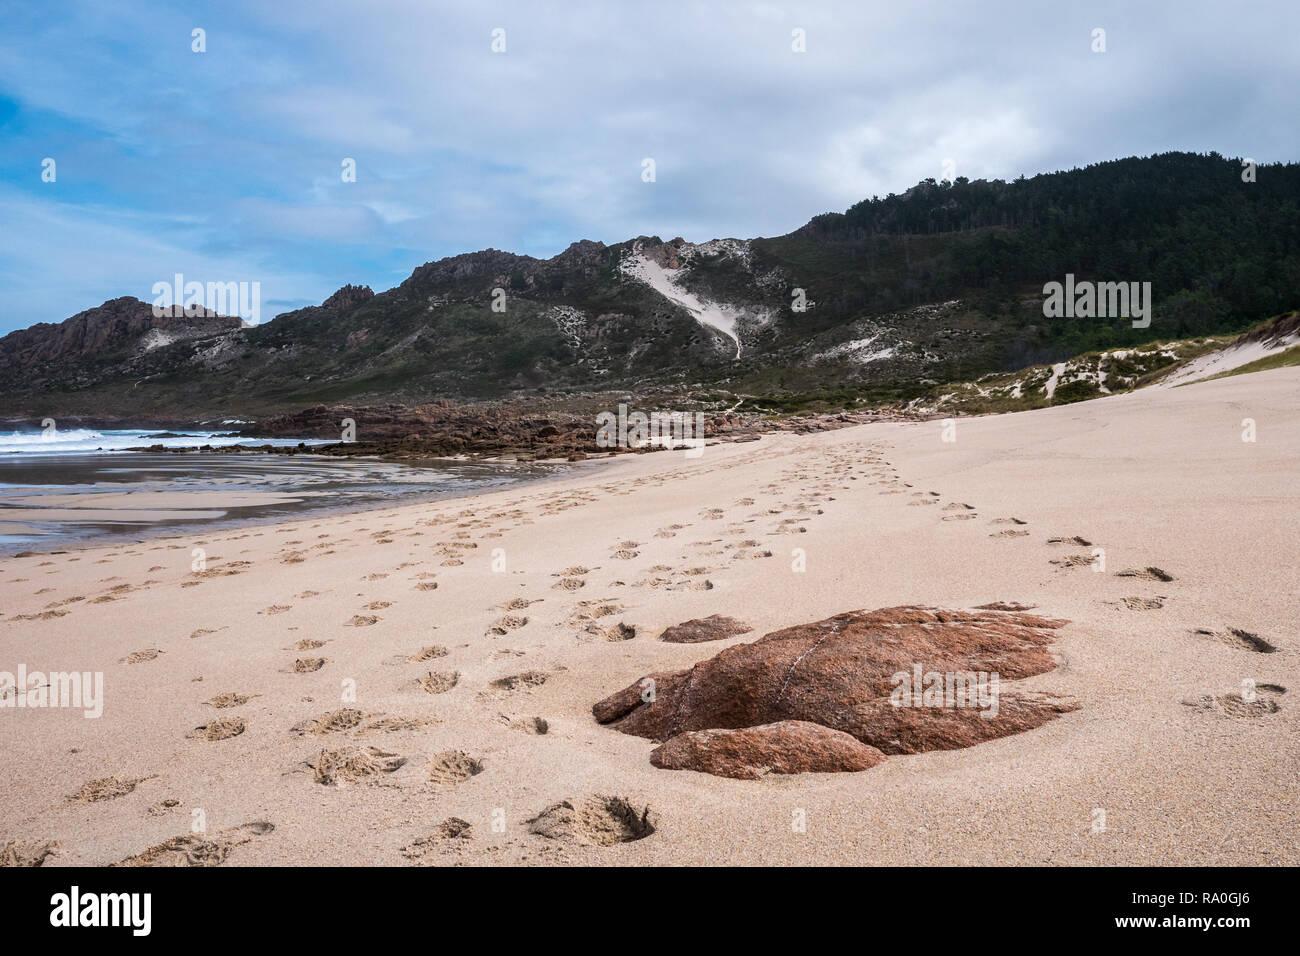 Pasos a lo largo de la playa de Praia do trece sobre el Faro Hiking Trail cerca Camarinas, Galicia, España Imagen De Stock